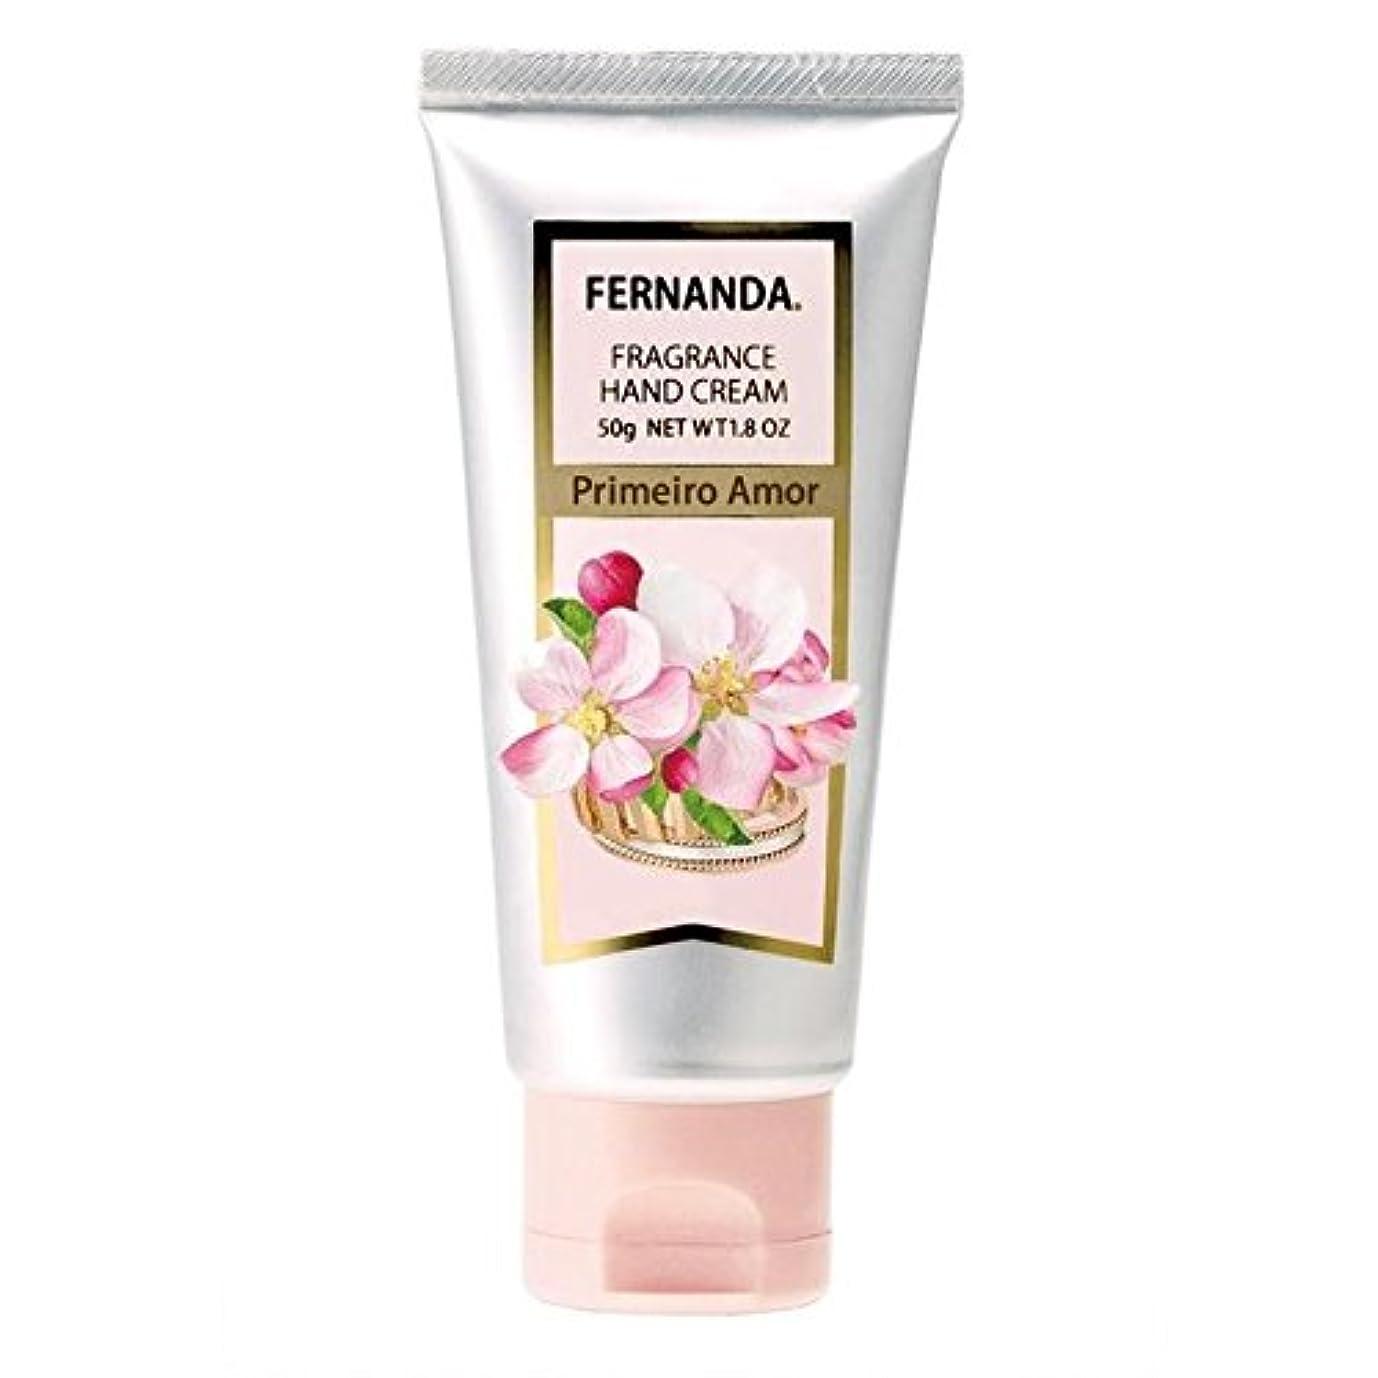 通貨降伏残忍なFERNANDA(フェルナンダ) Hand Cream Primeiro Amor(ハンドクリーム プリメイロアモール)